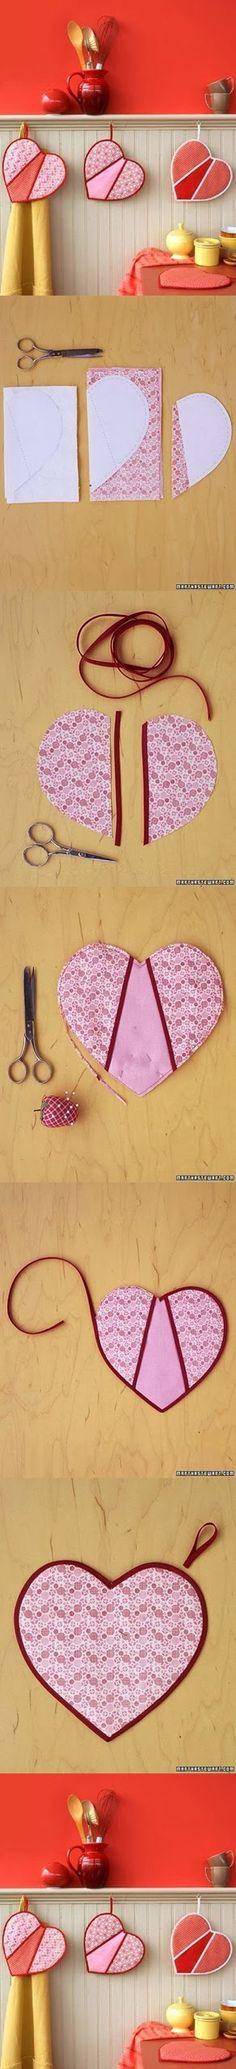 Pega panelas coração